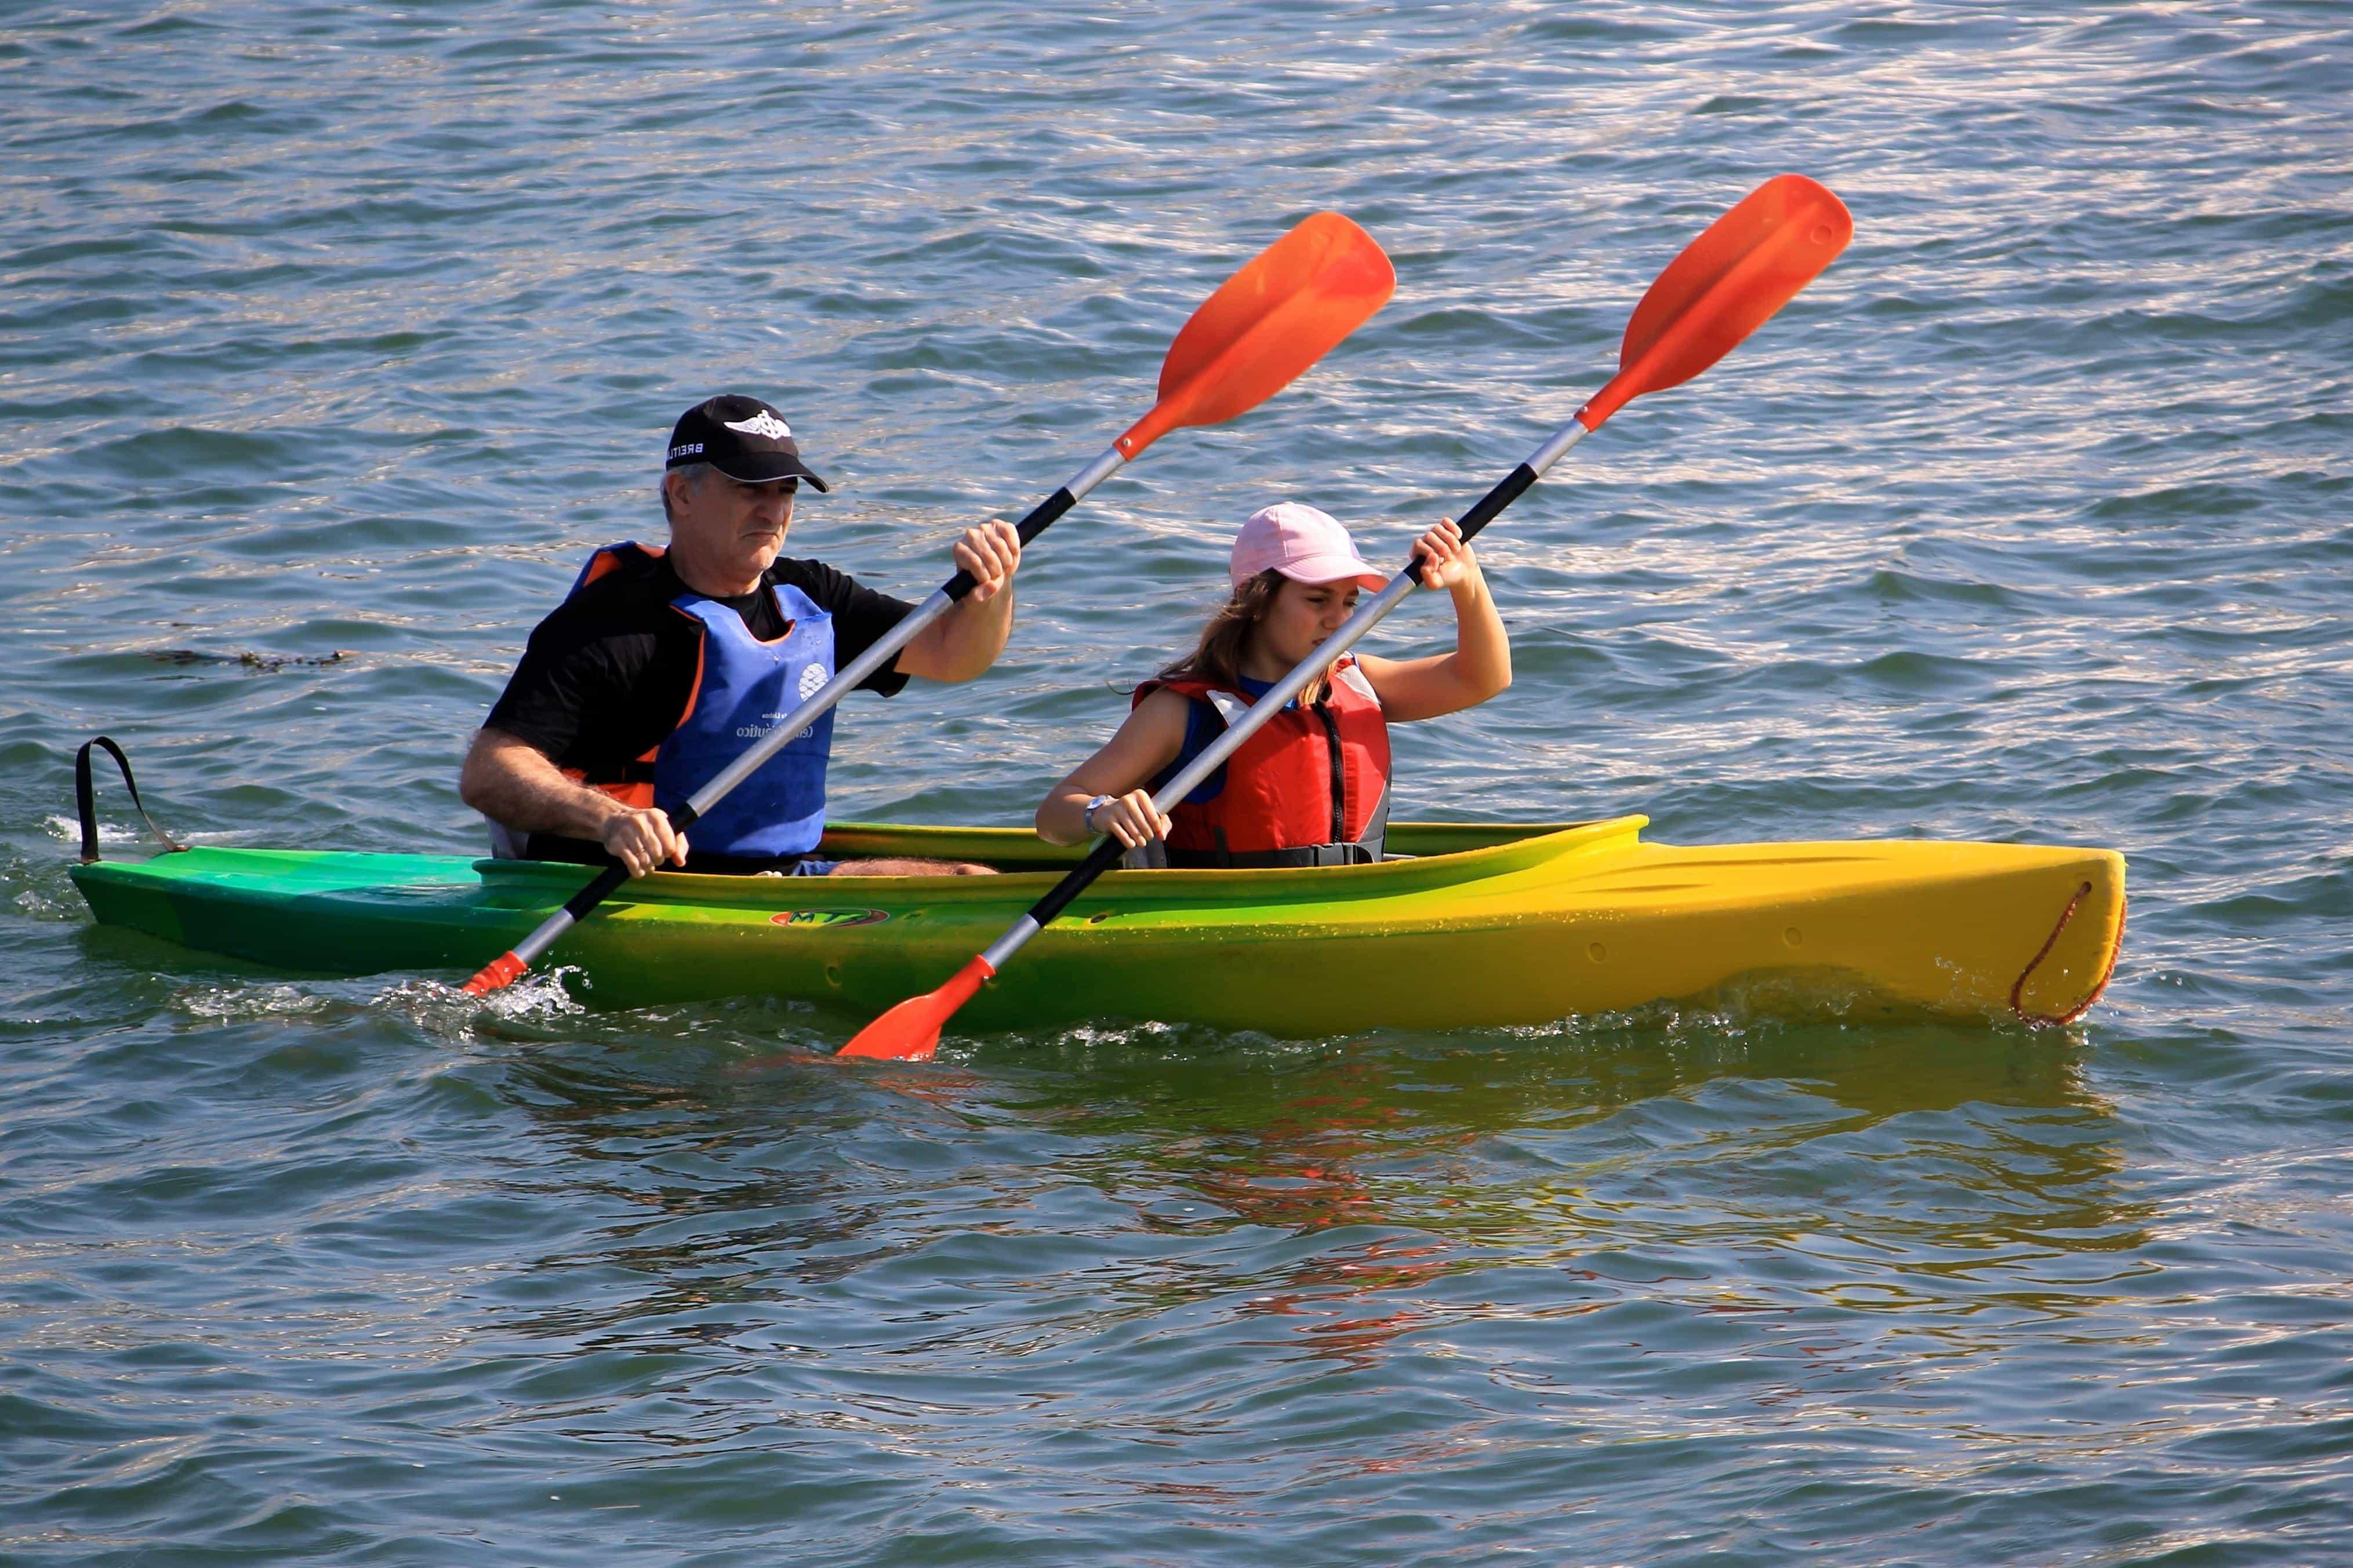 Kostenlose Bild: Kajak, Kanu, Wasser, Boot, Paddel, outdoor, Sport,  Menschen, Sommer